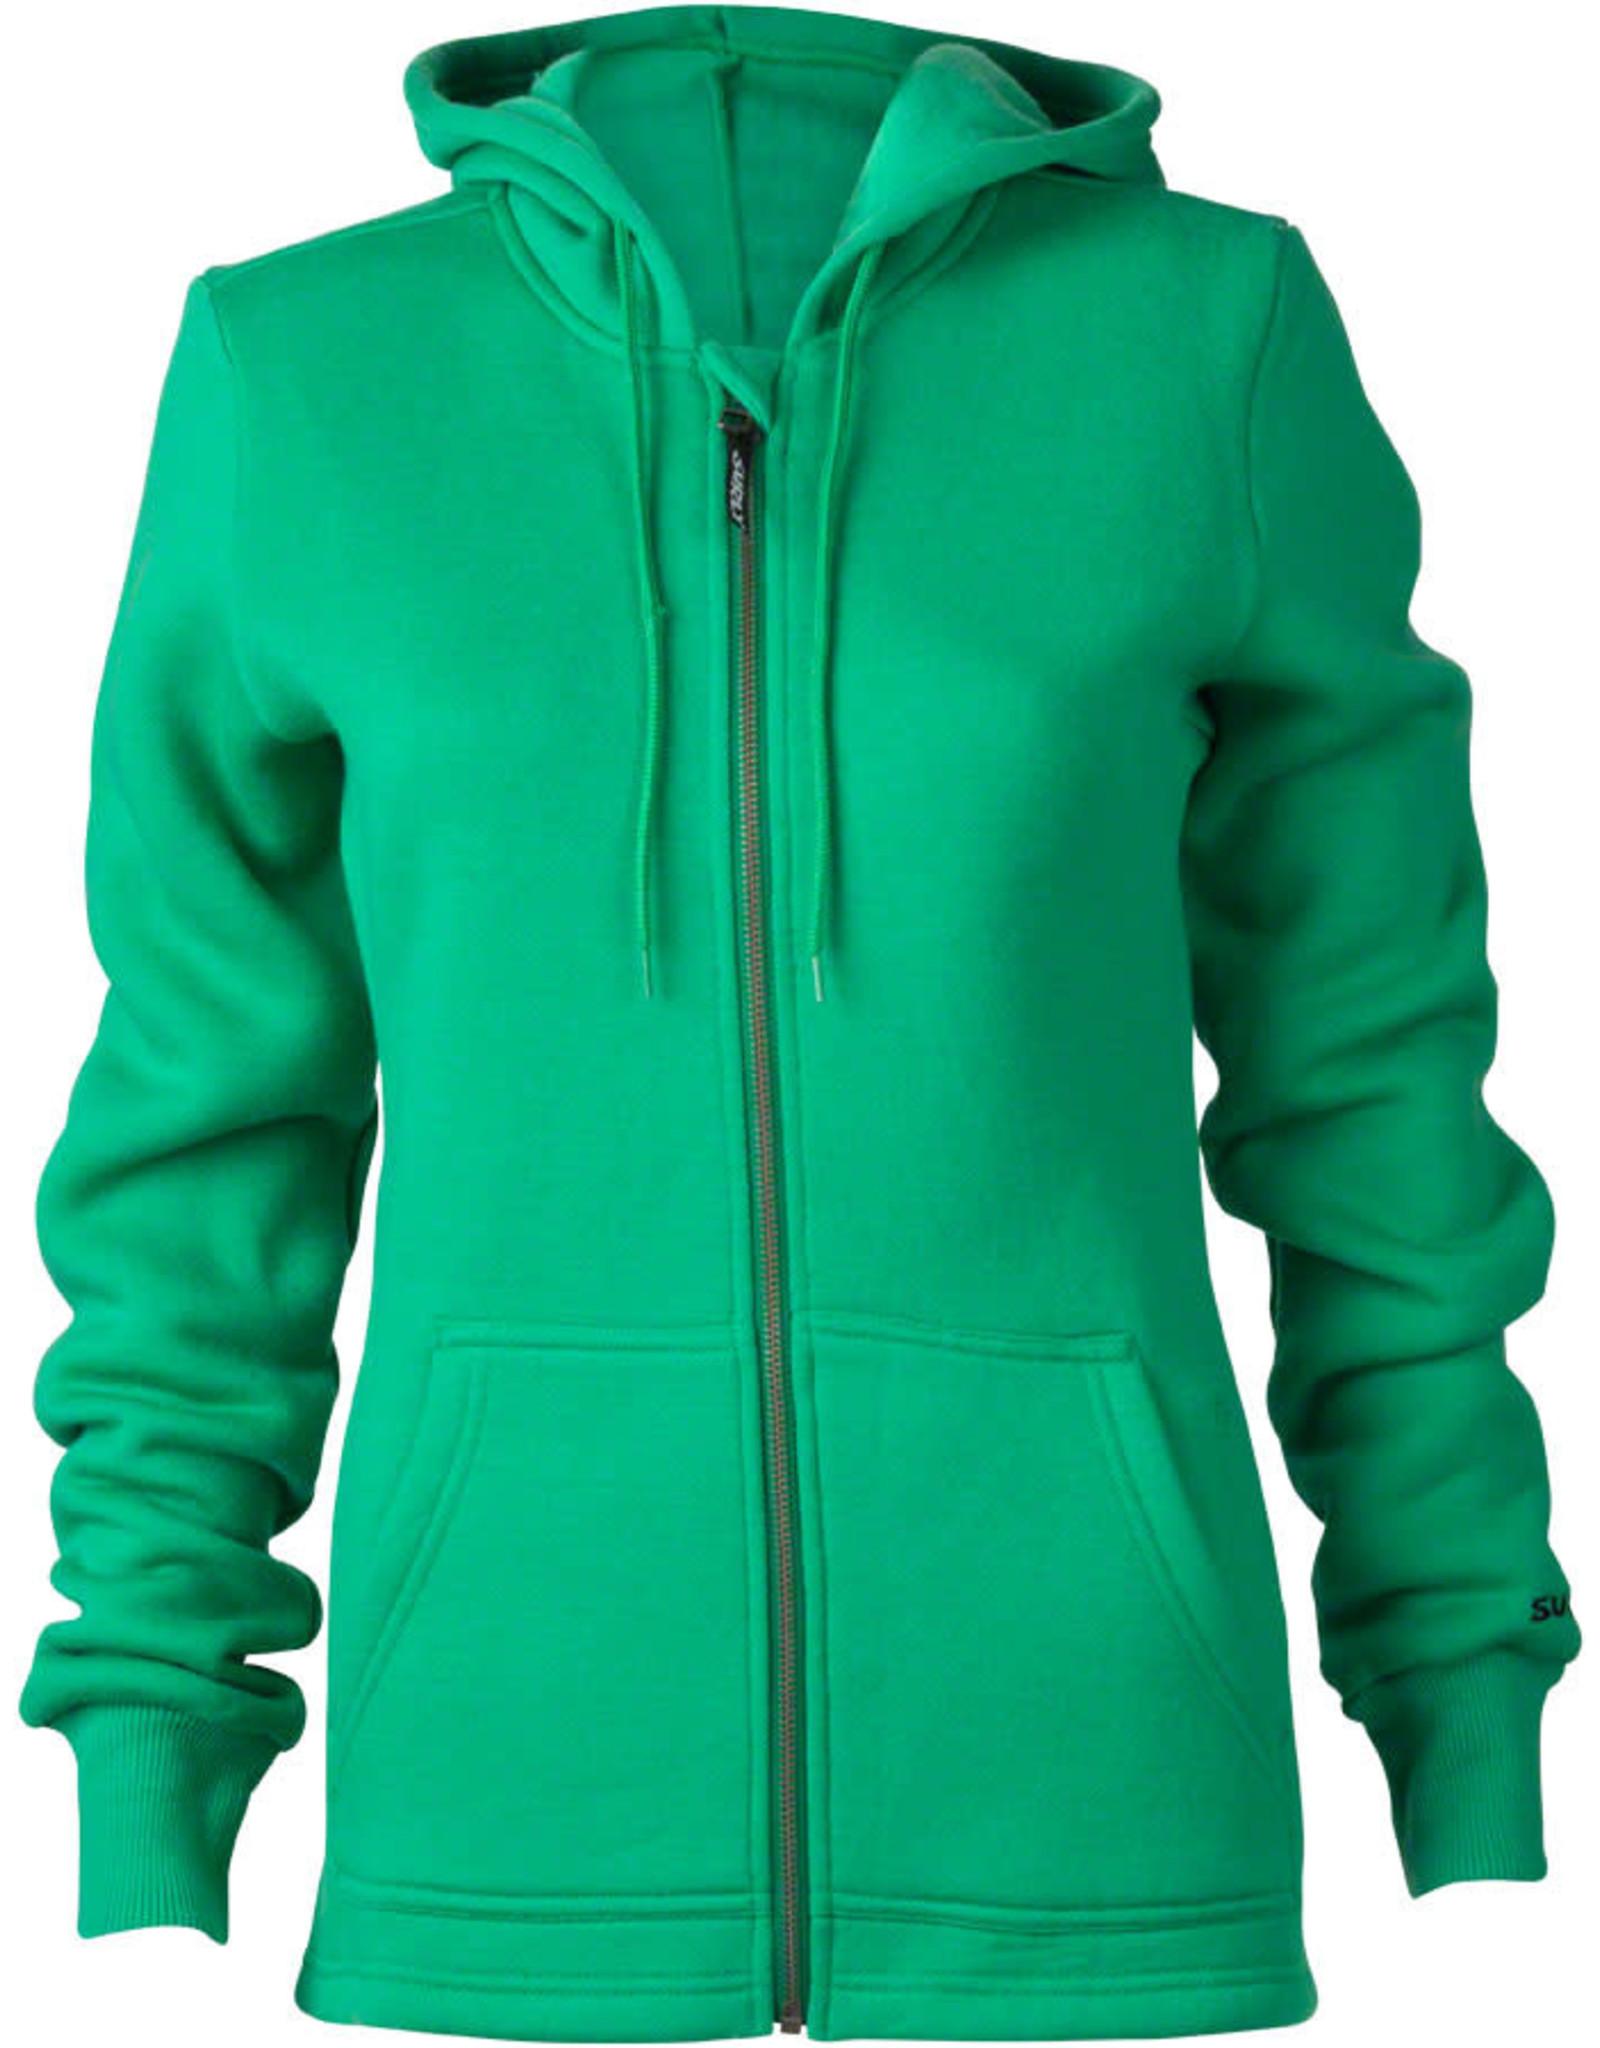 Surly Surly Women's Merino Wool Hoodie: Green XS